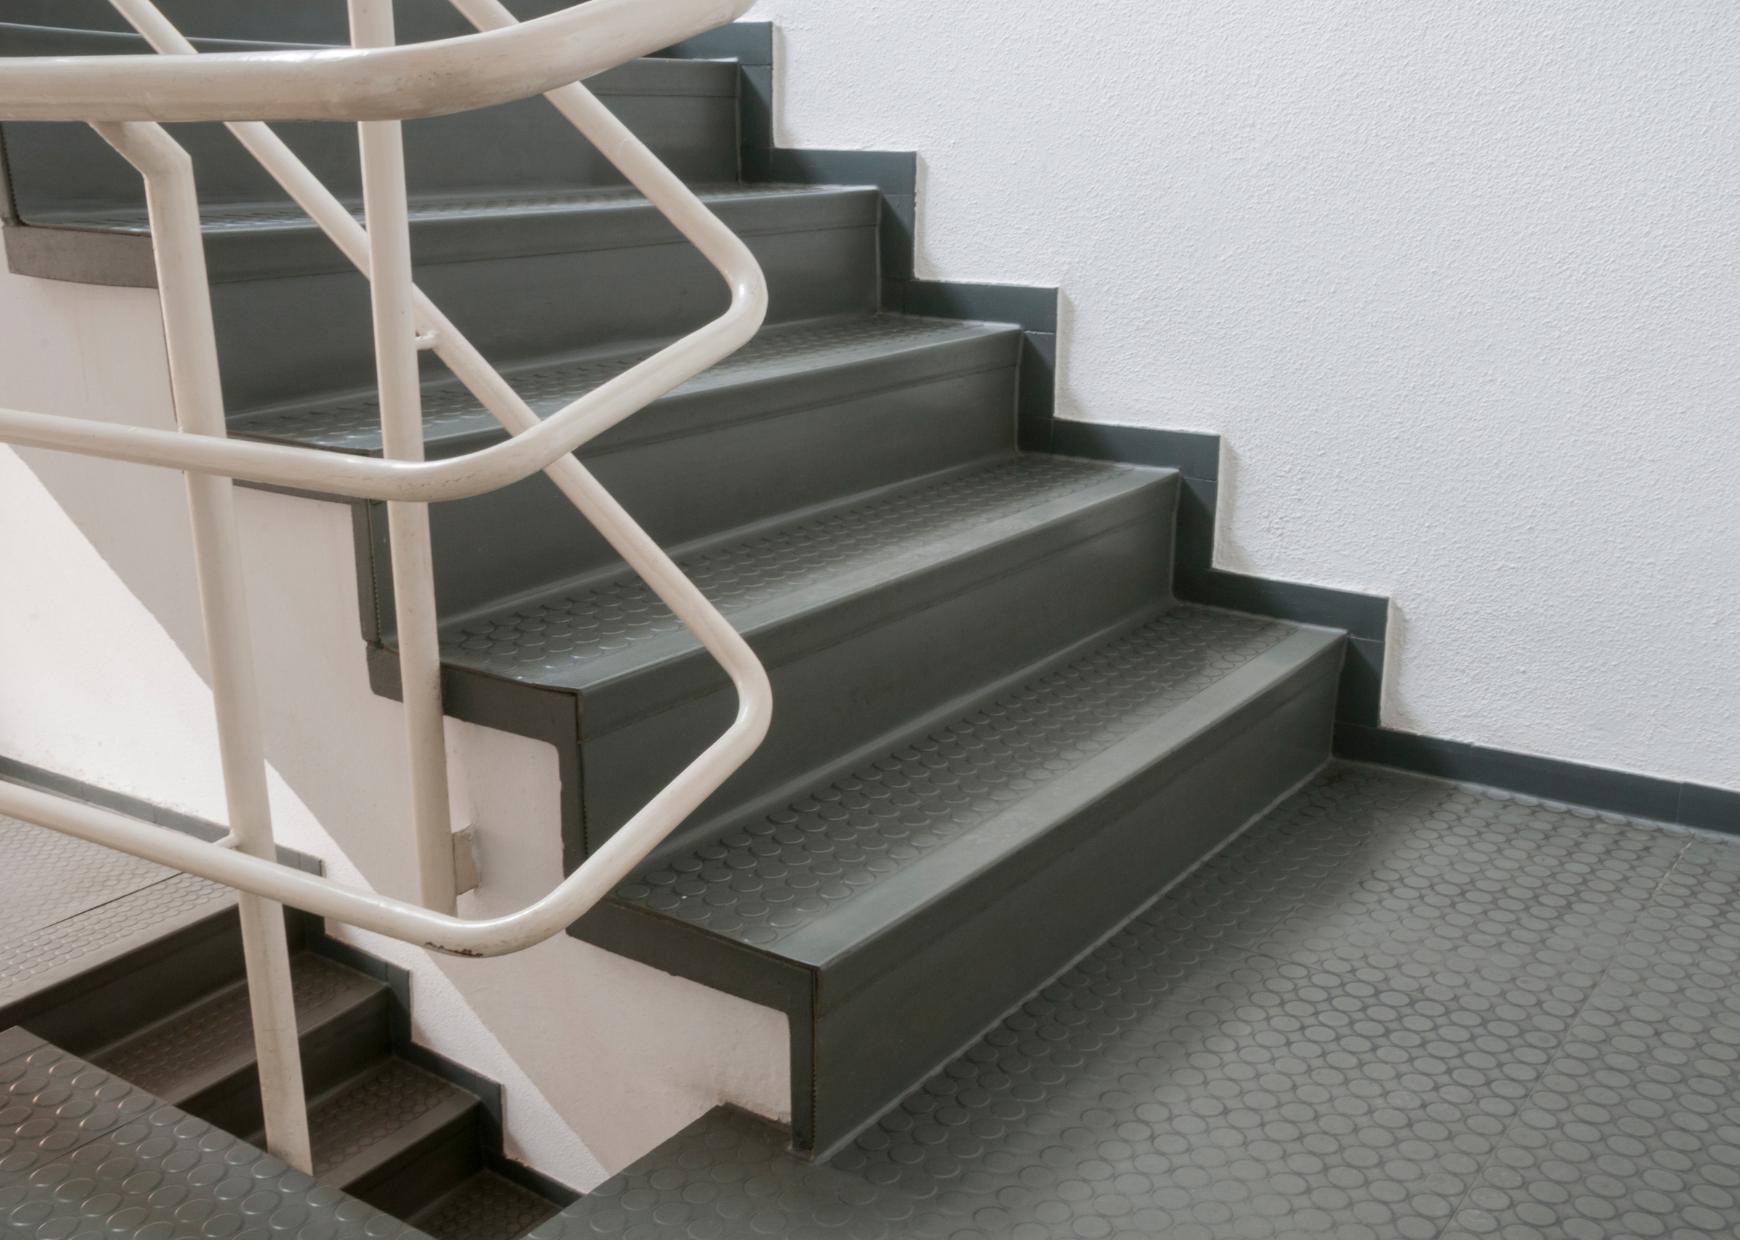 Treppenreinigung, Treppenhausreinigung von Gebäudereinigung Altenstadt Wetterau